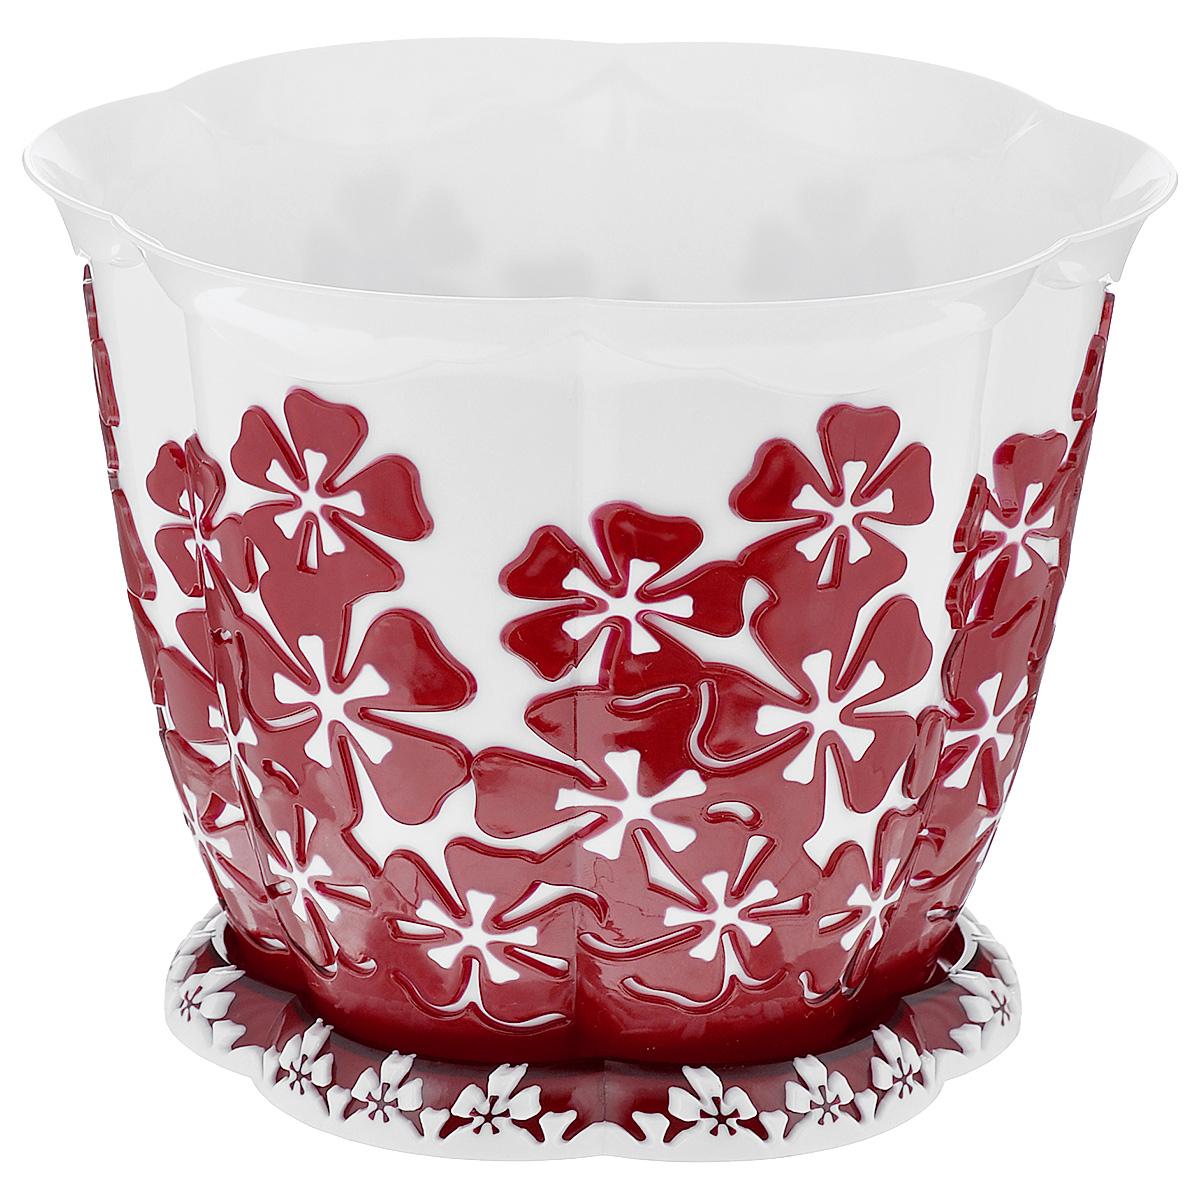 Горшок цветочный Альтернатива Камелия, с поддоном, цвет: белый, красный, 3 лМ2241Любой, даже самый современный и продуманный интерьер будет не завершённым без растений. Они не только очищают воздух и насыщают его кислородом, но и заметно украшают окружающее пространство. Такому полезному &laquo члену семьи&raquoпросто необходимо красивое и функциональное кашпо, оригинальный горшок или необычная ваза! Мы предлагаем - Горшок для цветов 3 л Камелия, поддон, цвет красный!Оптимальный выбор материала &mdash &nbsp пластмасса! Почему мы так считаем? Малый вес. С лёгкостью переносите горшки и кашпо с места на место, ставьте их на столики или полки, подвешивайте под потолок, не беспокоясь о нагрузке. Простота ухода. Пластиковые изделия не нуждаются в специальных условиях хранения. Их&nbsp легко чистить &mdashдостаточно просто сполоснуть тёплой водой. Никаких царапин. Пластиковые кашпо не царапают и не загрязняют поверхности, на которых стоят. Пластик дольше хранит влагу, а значит &mdashрастение реже нуждается в поливе. Пластмасса не пропускает воздух &mdashкорневой системе растения не грозят резкие перепады температур. Огромный выбор форм, декора и расцветок &mdashвы без труда подберёте что-то, что идеально впишется в уже существующий интерьер.Соблюдая нехитрые правила ухода, вы можете заметно продлить срок службы горшков, вазонов и кашпо из пластика: всегда учитывайте размер кроны и корневой системы растения (при разрастании большое растение способно повредить маленький горшок)берегите изделие от воздействия прямых солнечных лучей, чтобы кашпо и горшки не выцветалидержите кашпо и горшки из пластика подальше от нагревающихся поверхностей.Создавайте прекрасные цветочные композиции, выращивайте рассаду или необычные растения, а низкие цены позволят вам не ограничивать себя в выборе.